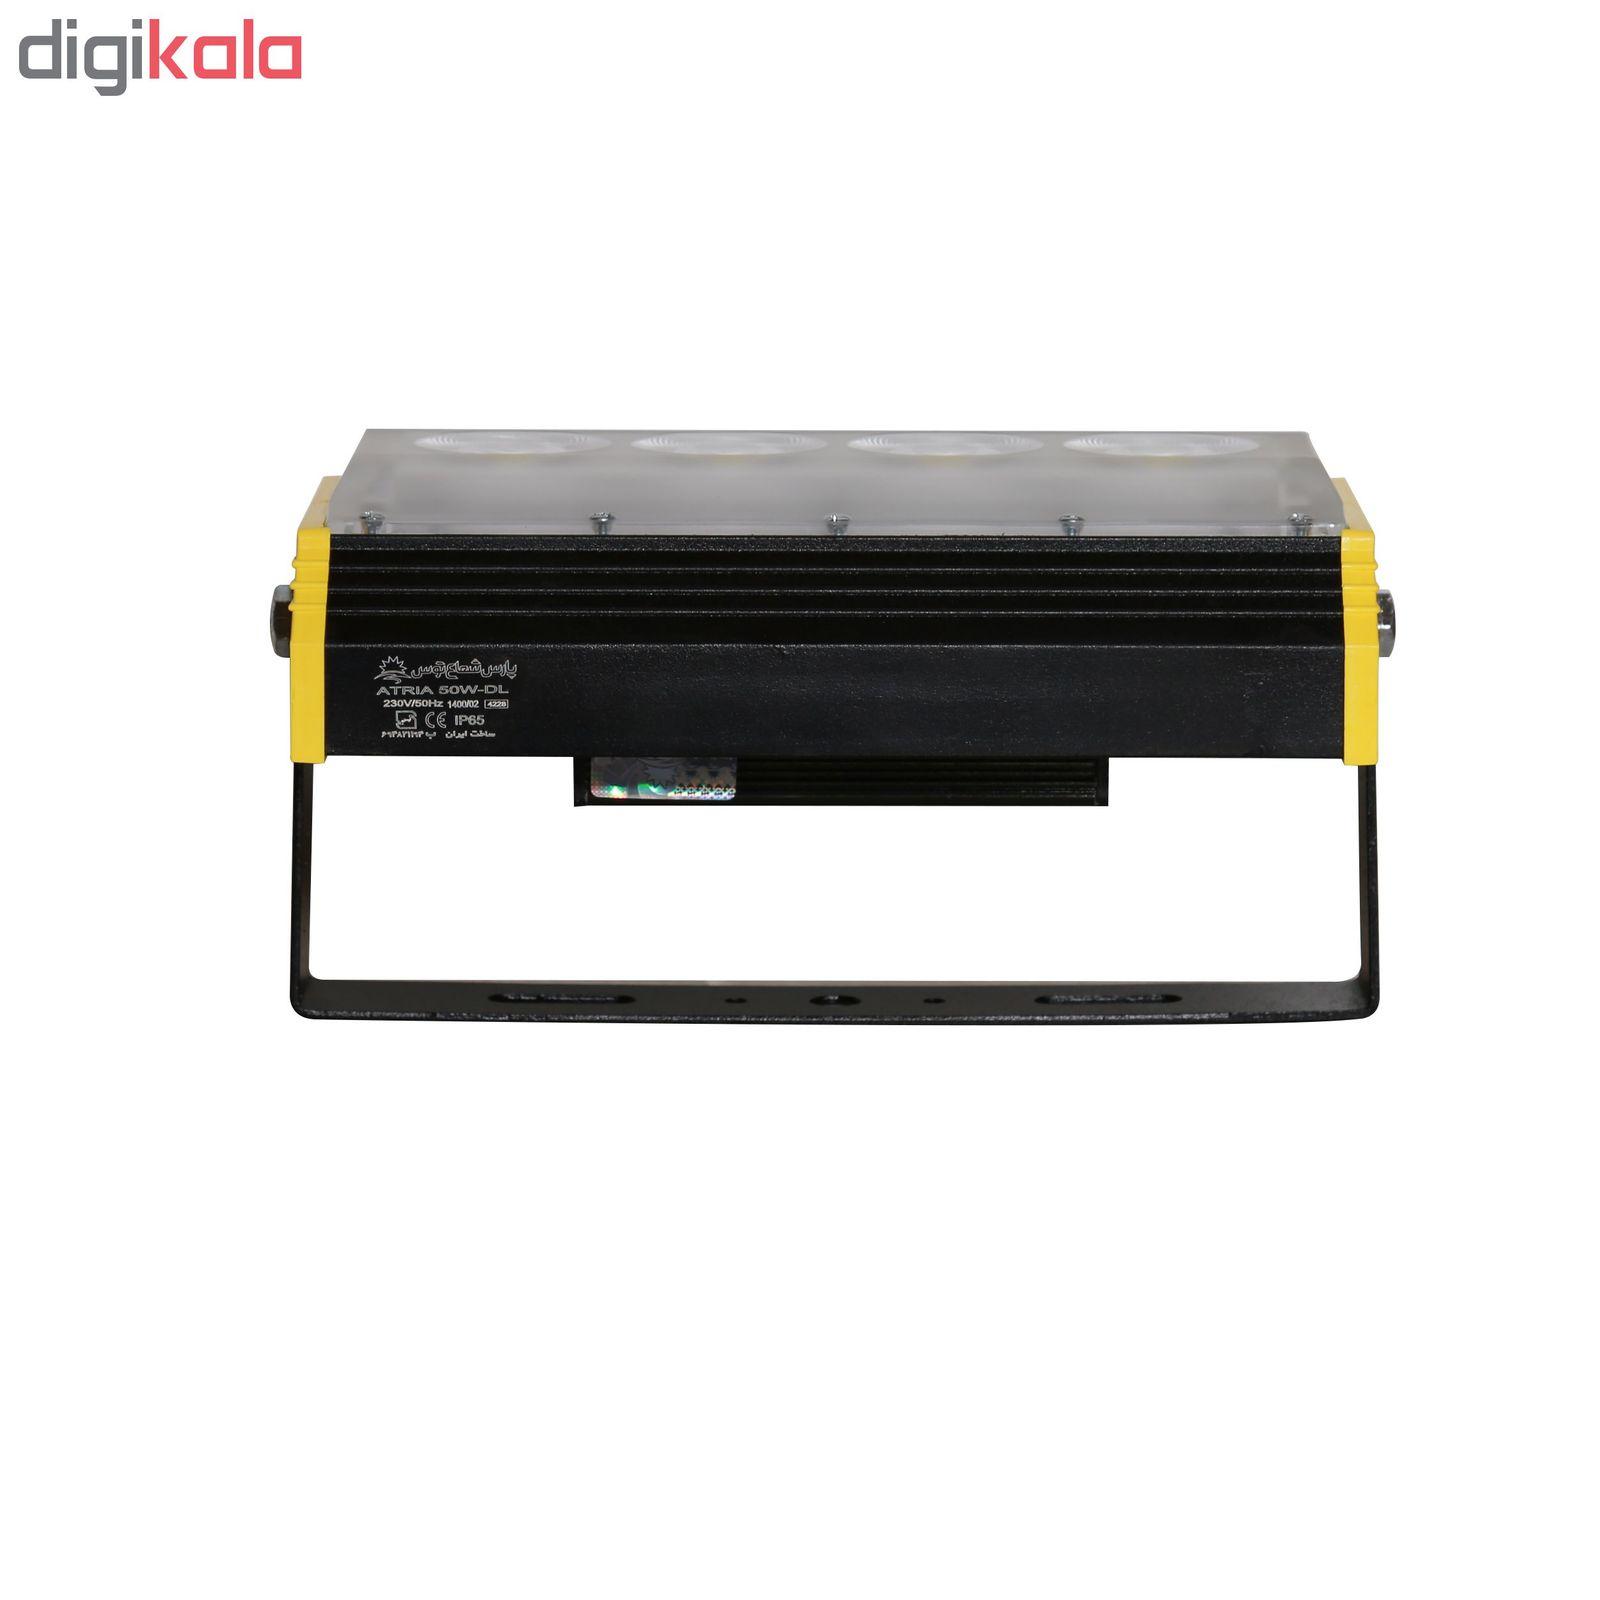 پروژکتور 50 وات پارس شعاع توس مدل ATRIA MCOB main 1 3